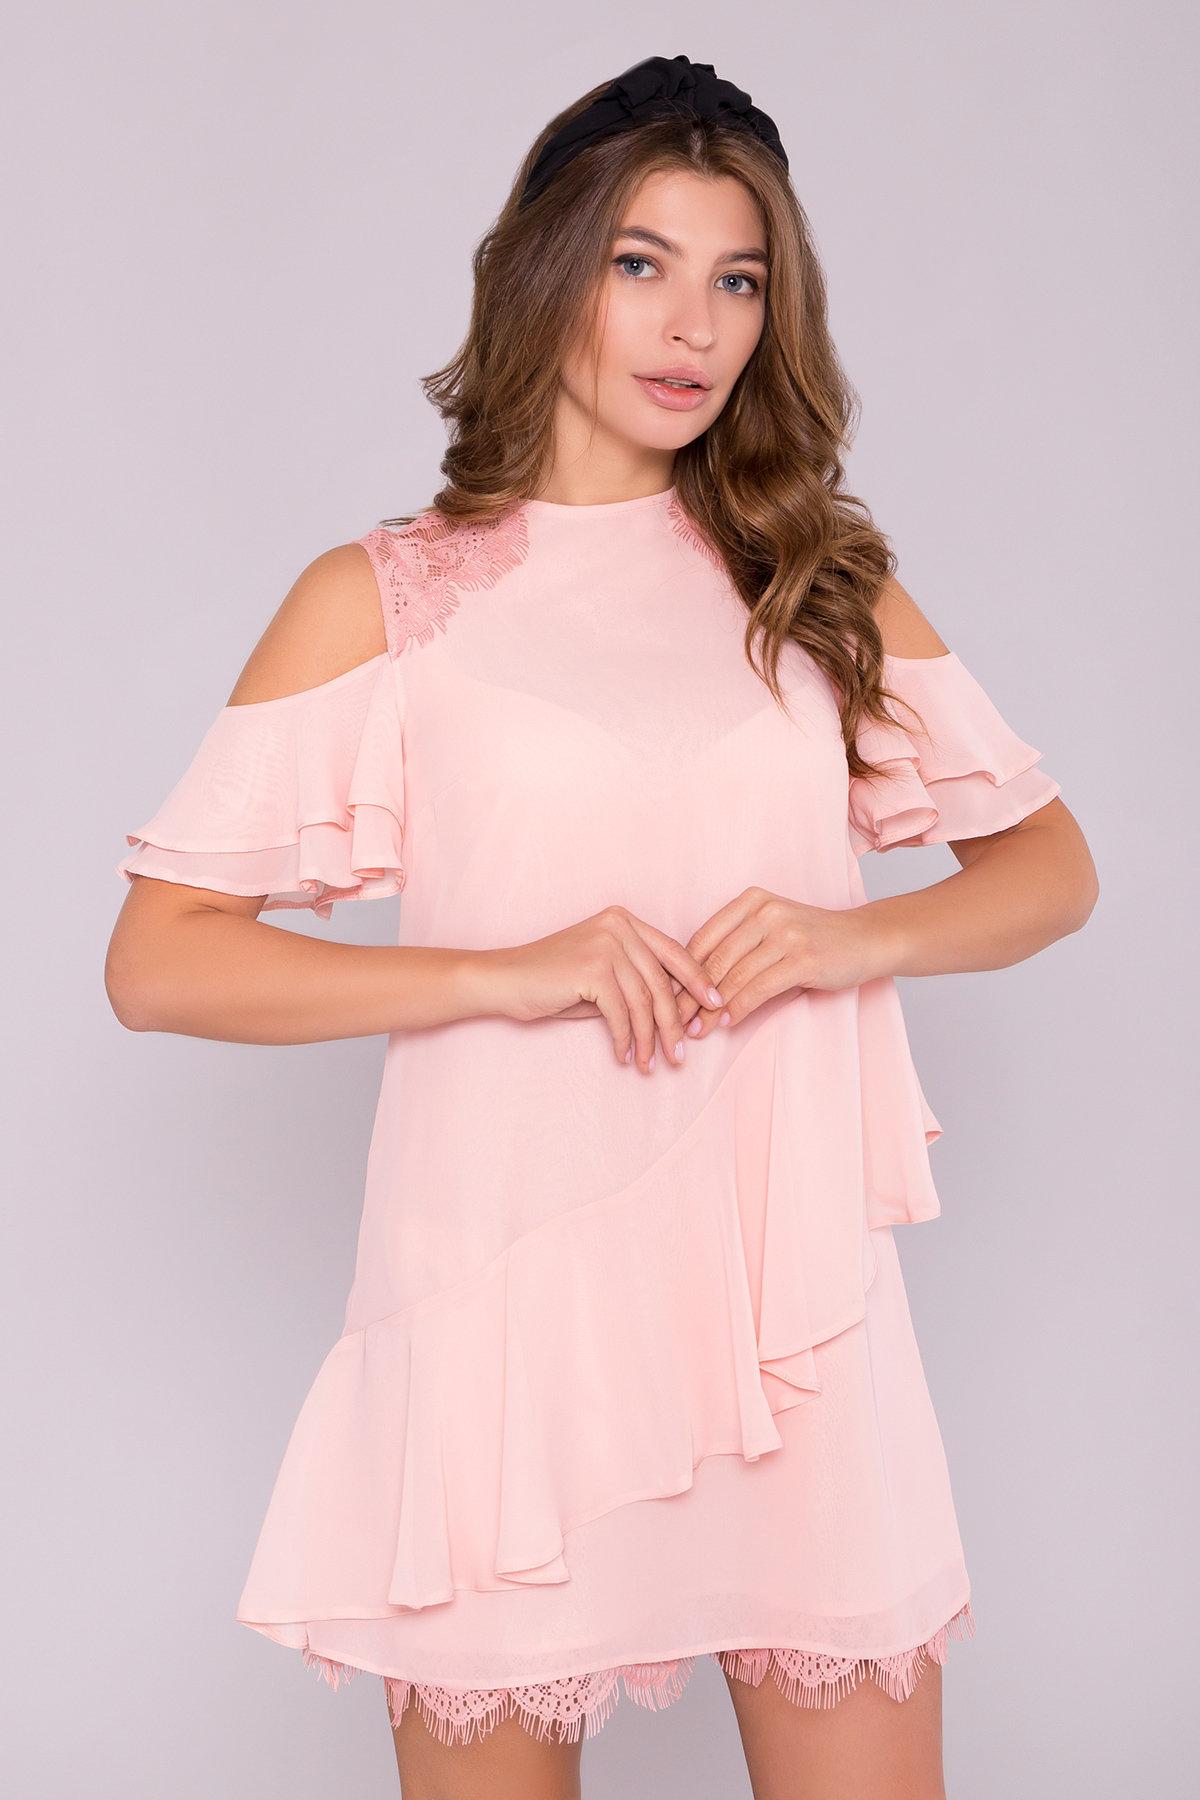 Платье Вито  7003 АРТ. 42310 Цвет: Пудра - фото 4, интернет магазин tm-modus.ru